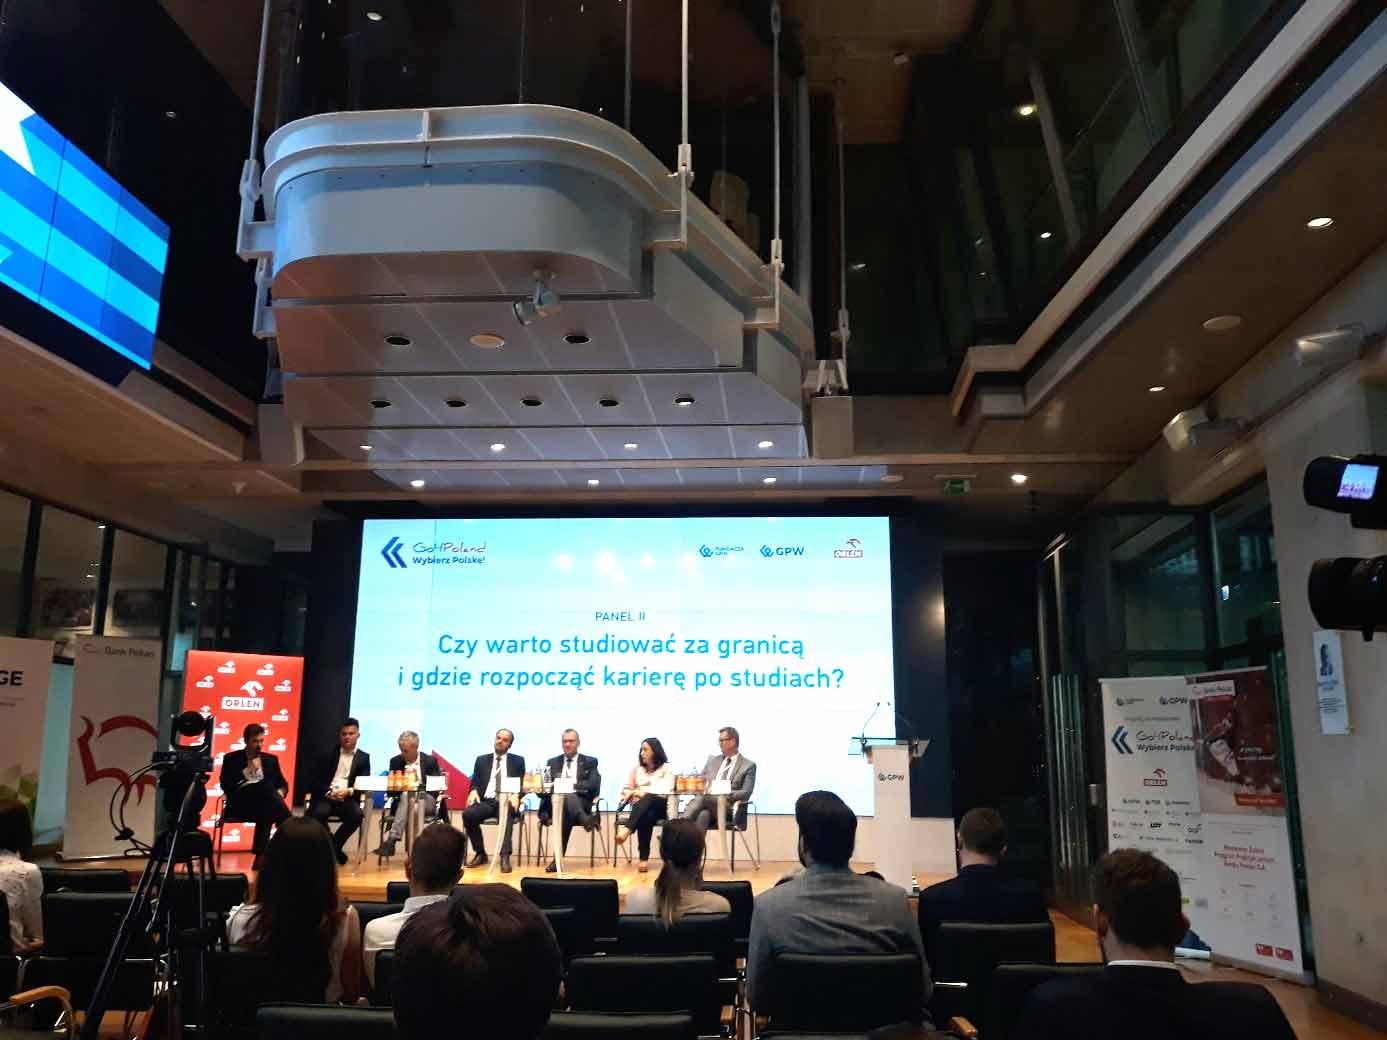 Prelegencji konferencji siedzący na tle ekranu z napisem 'Czy warto studiować za granicą i gdzie rozpocząć karierę po studiach'